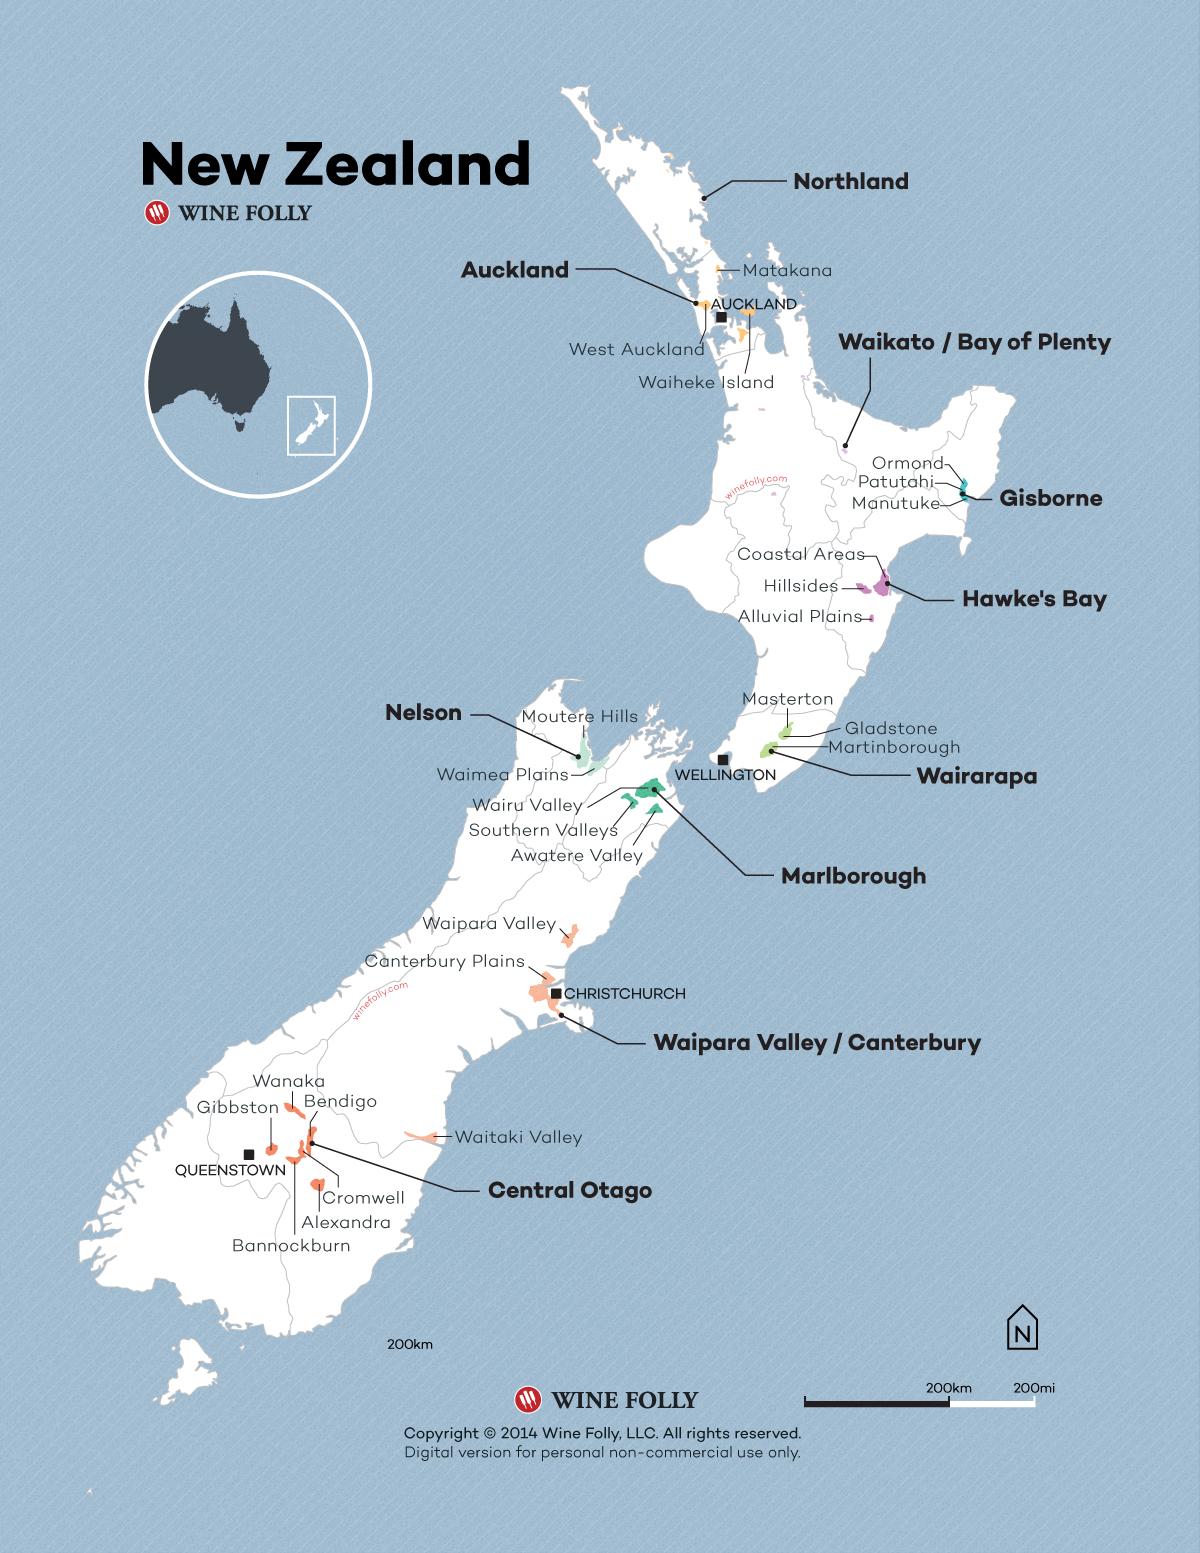 New-Zealand-wine-map-v1-wine-folly.jpg